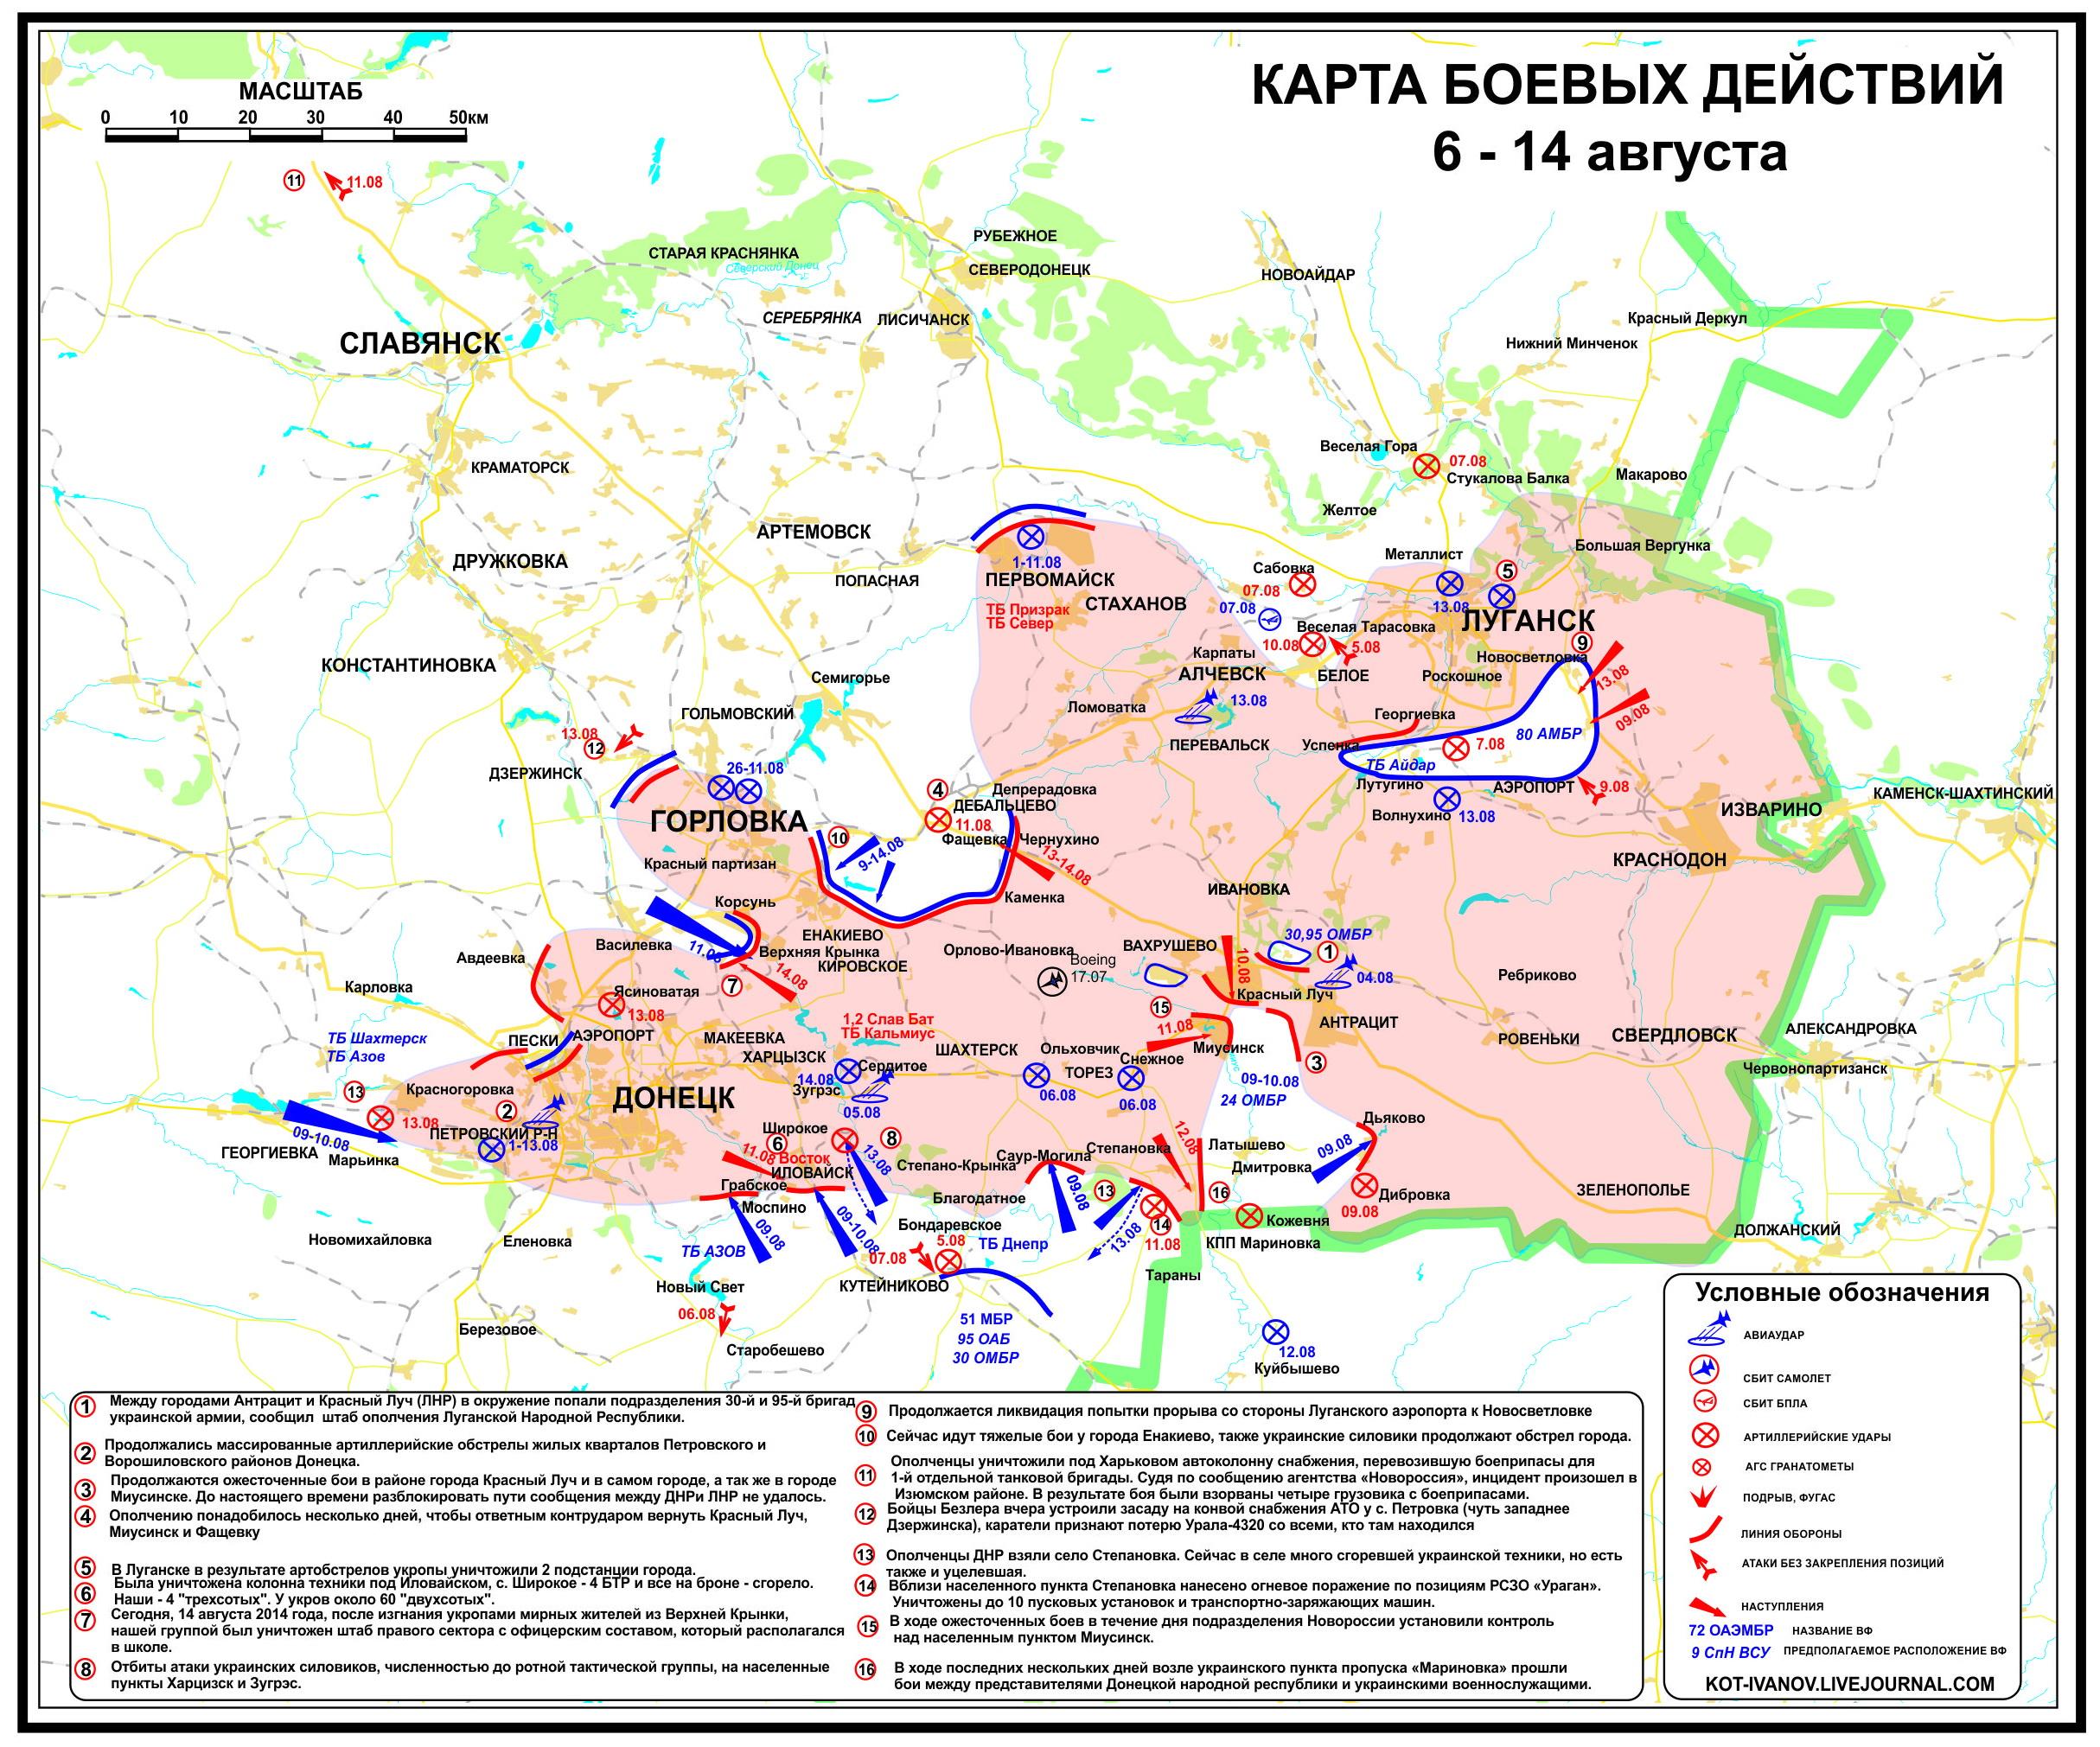 http://ic.pics.livejournal.com/kot_ivanov/71733898/17384/17384_original.jpg